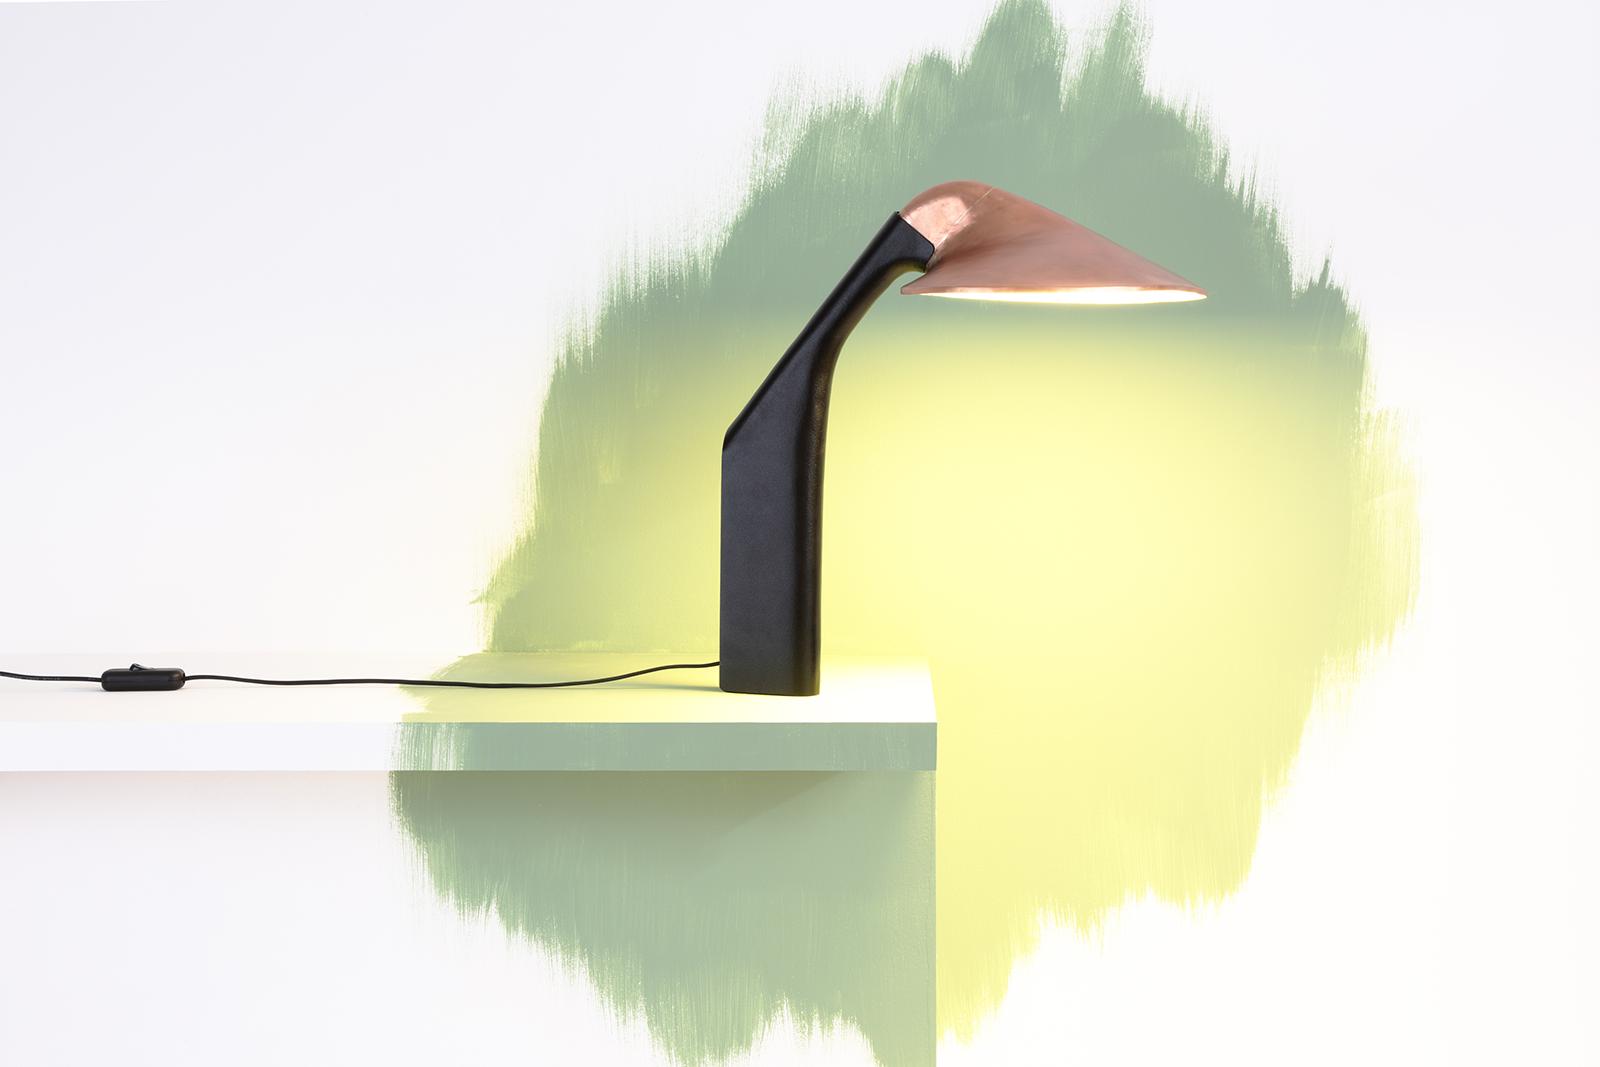 Ombre Portée lamp